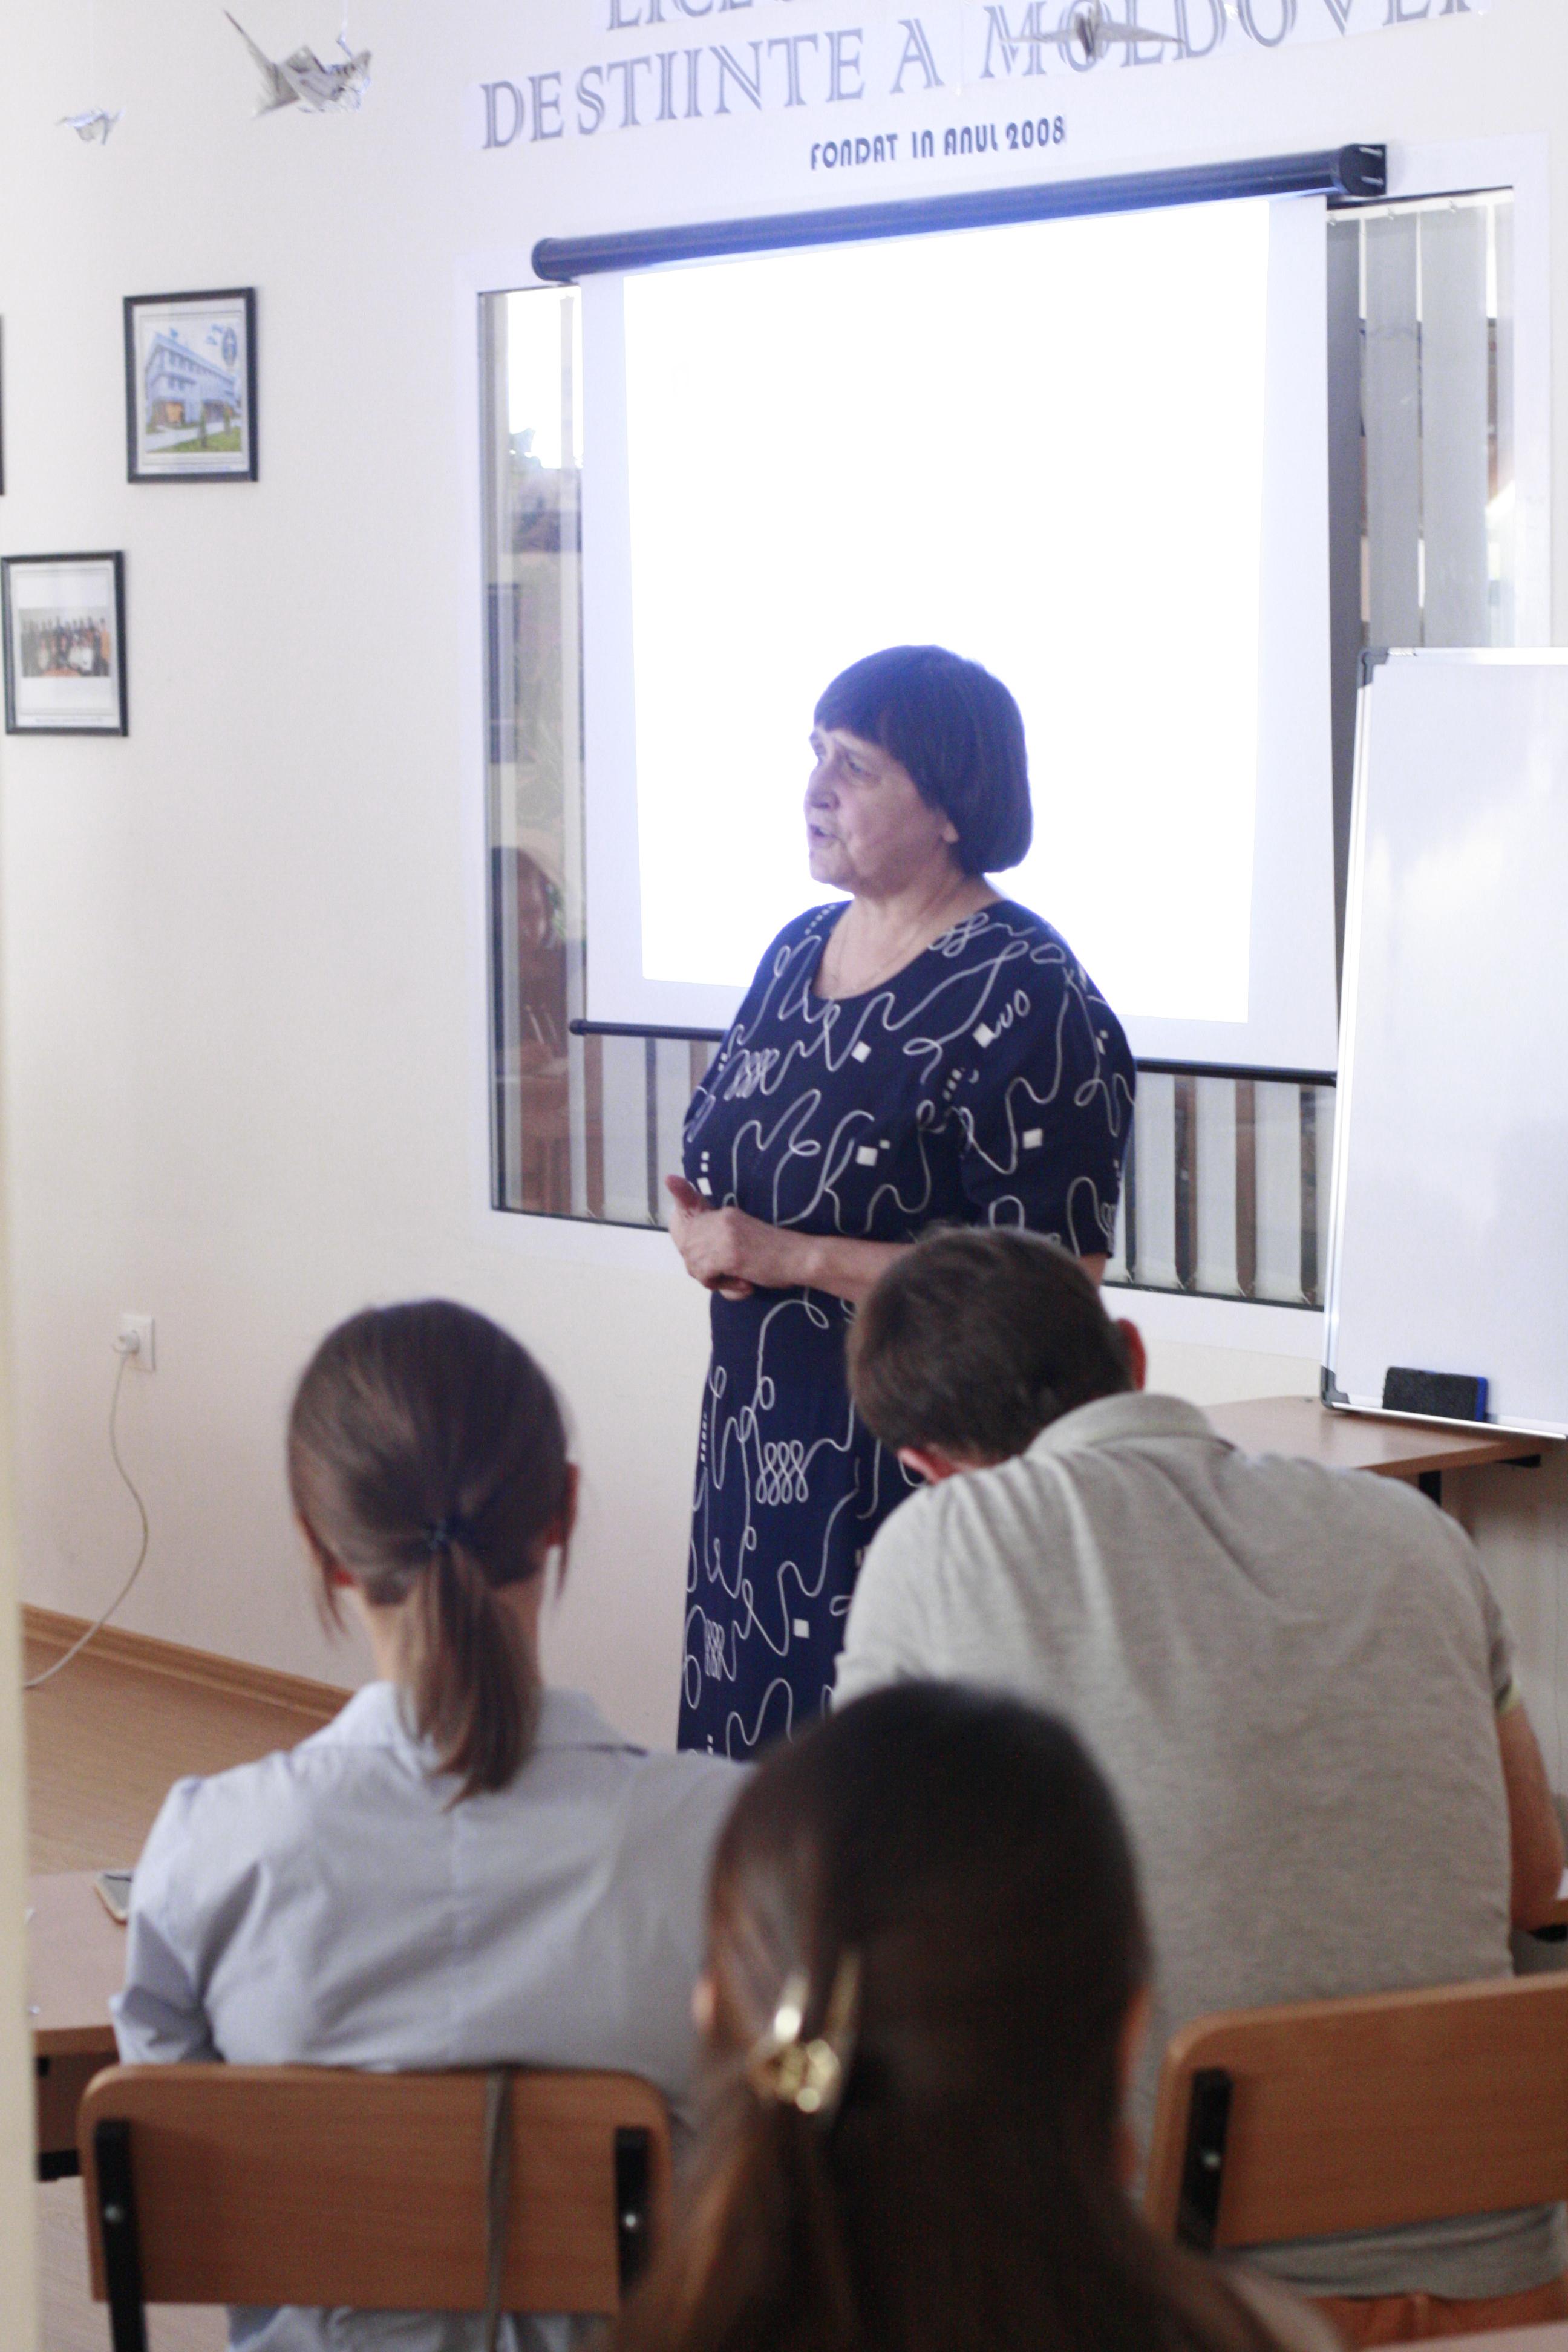 2016 MOLDOVA (14)